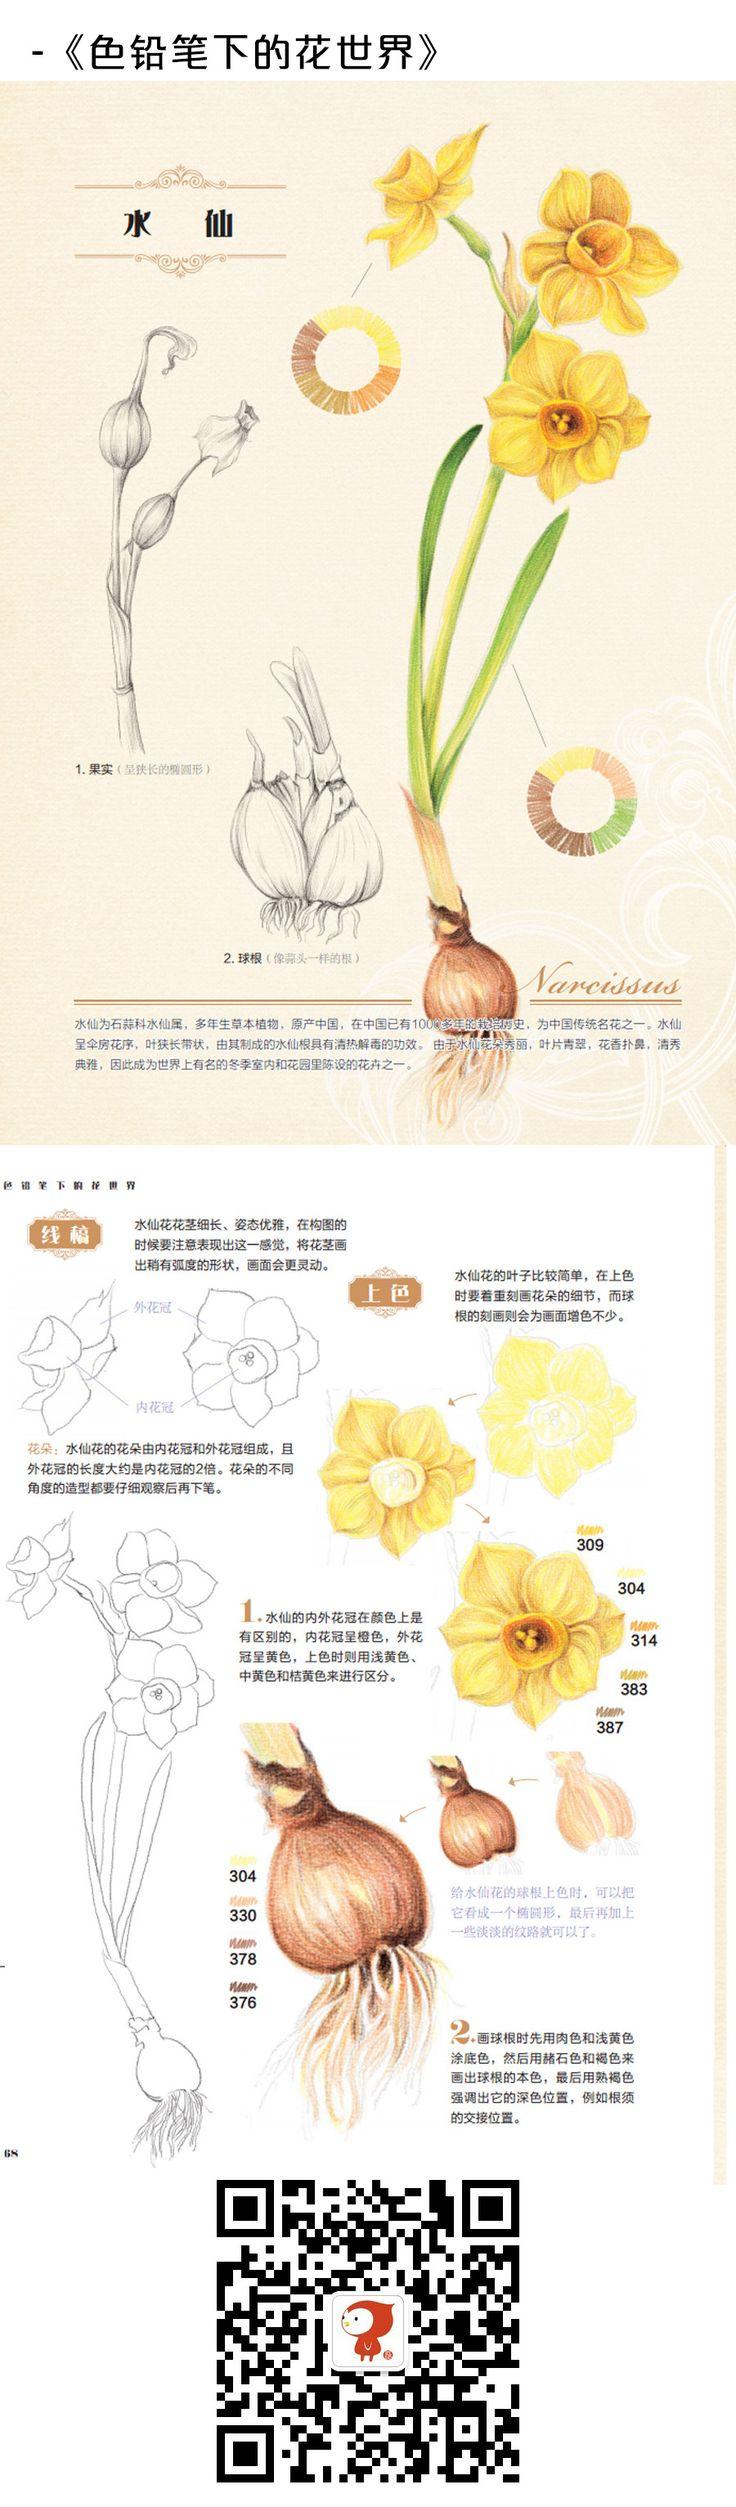 Duitang.com - 飞乐鸟-水仙